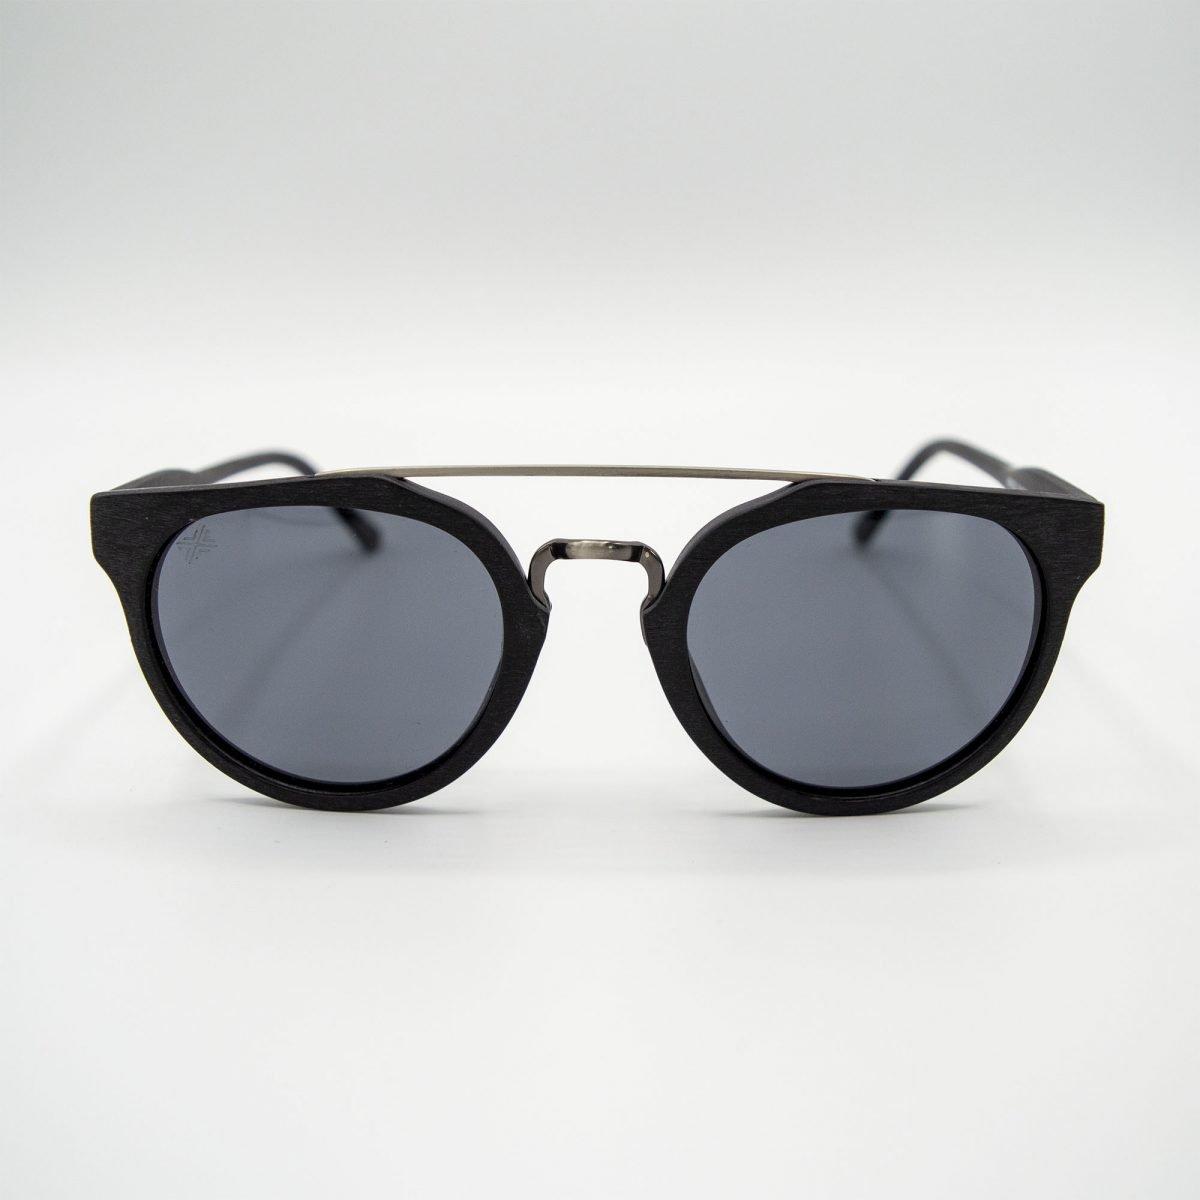 gafas de sol kaost total black frontal